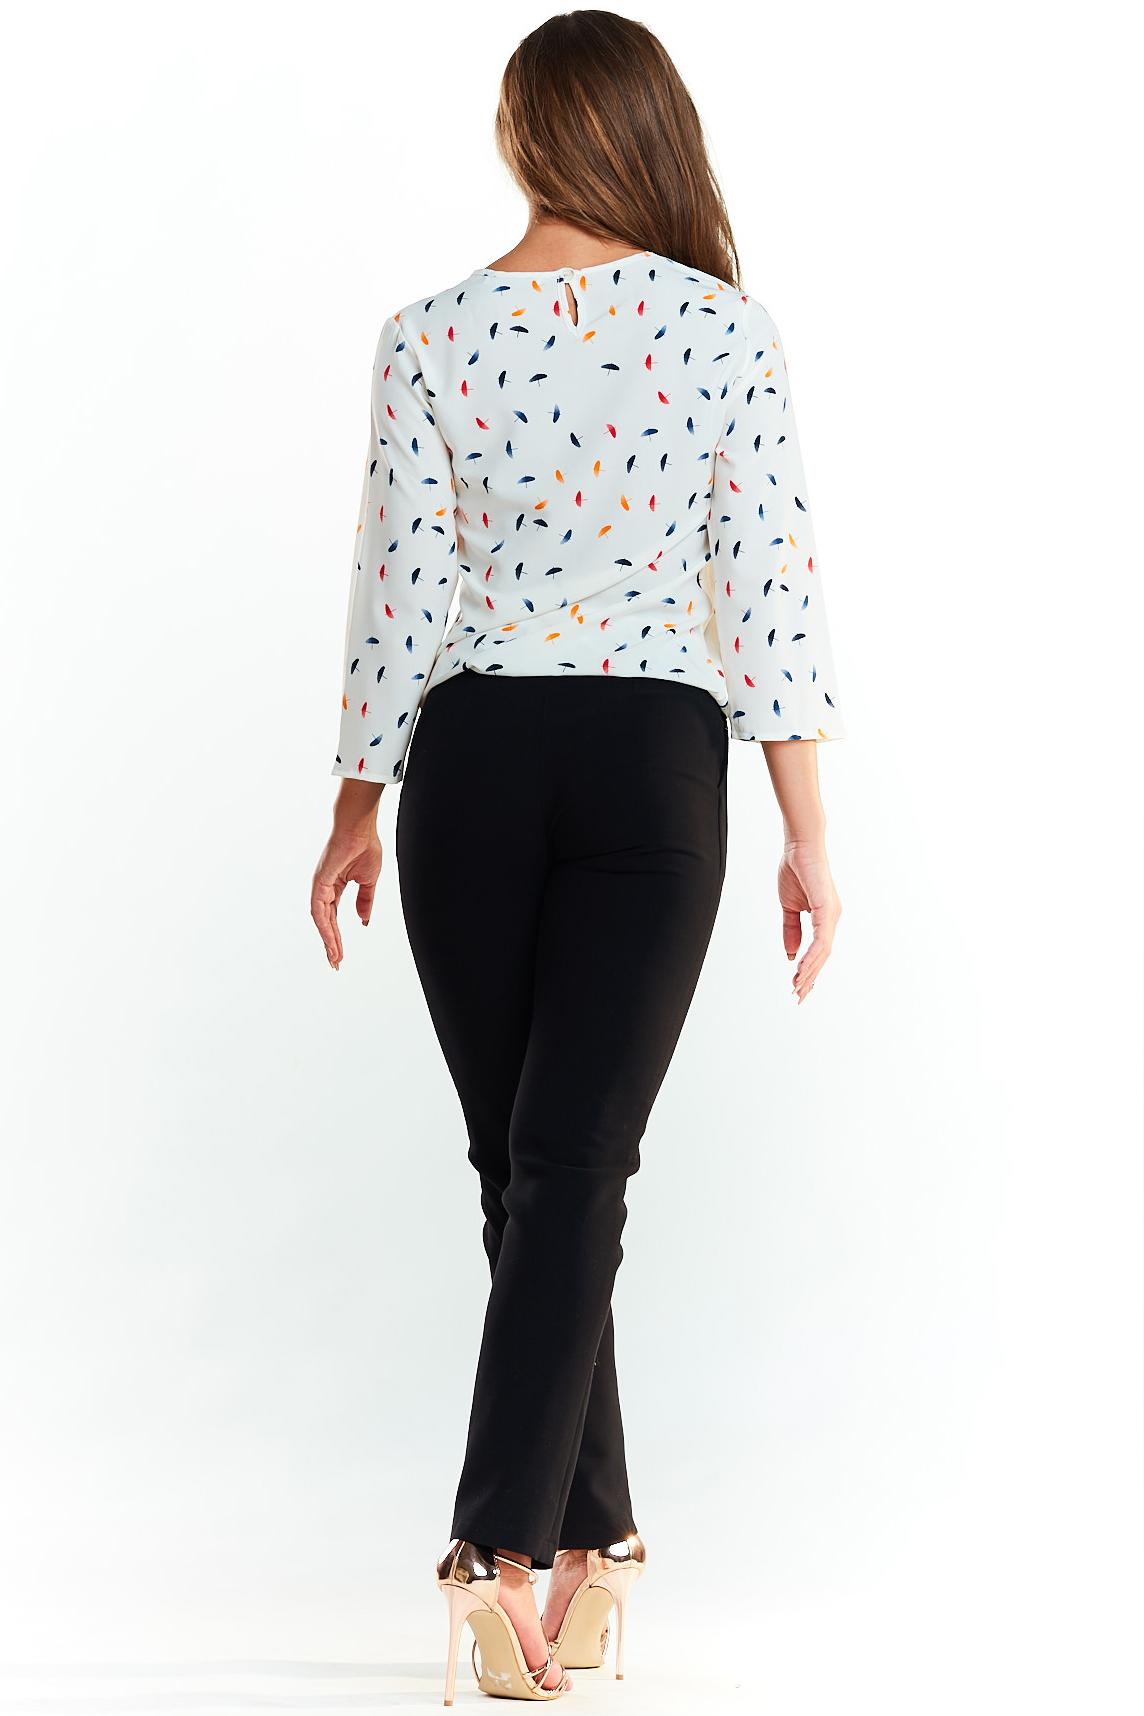 CM3977 Klasyczna elegancka bluzka - kolorowe parasolki